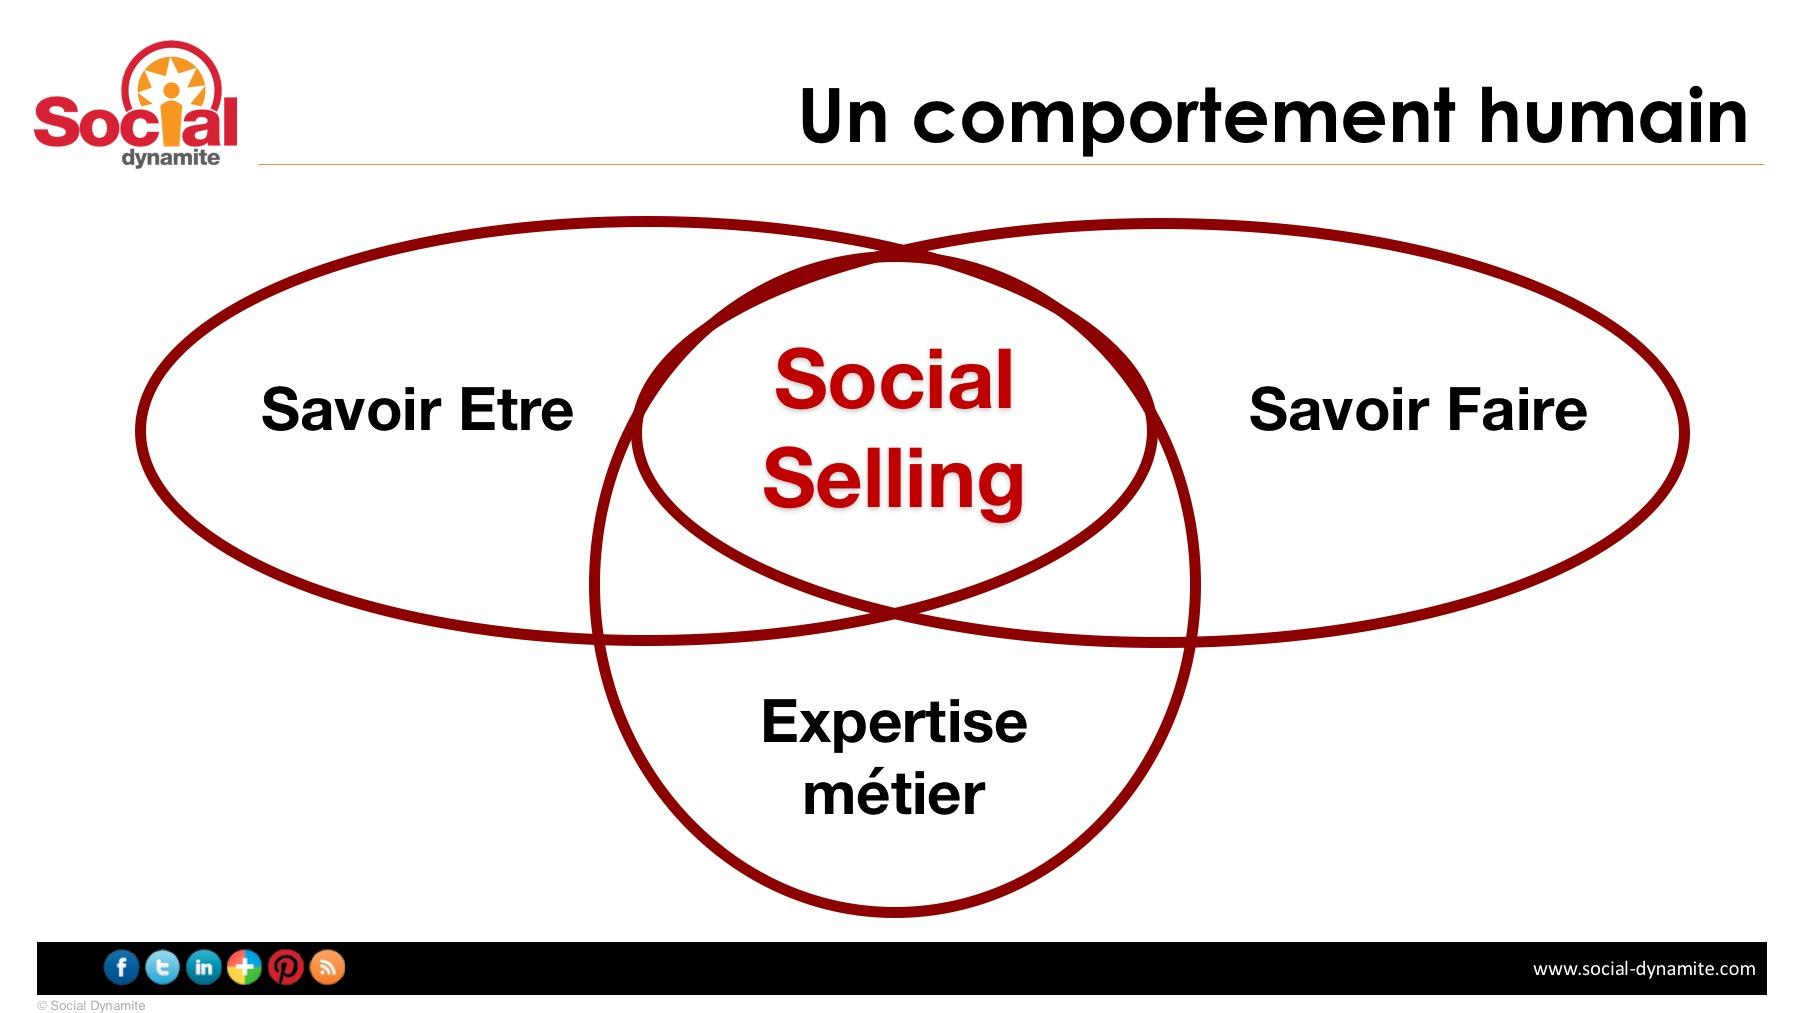 Social Selling Savoir Faire Etre Expertise